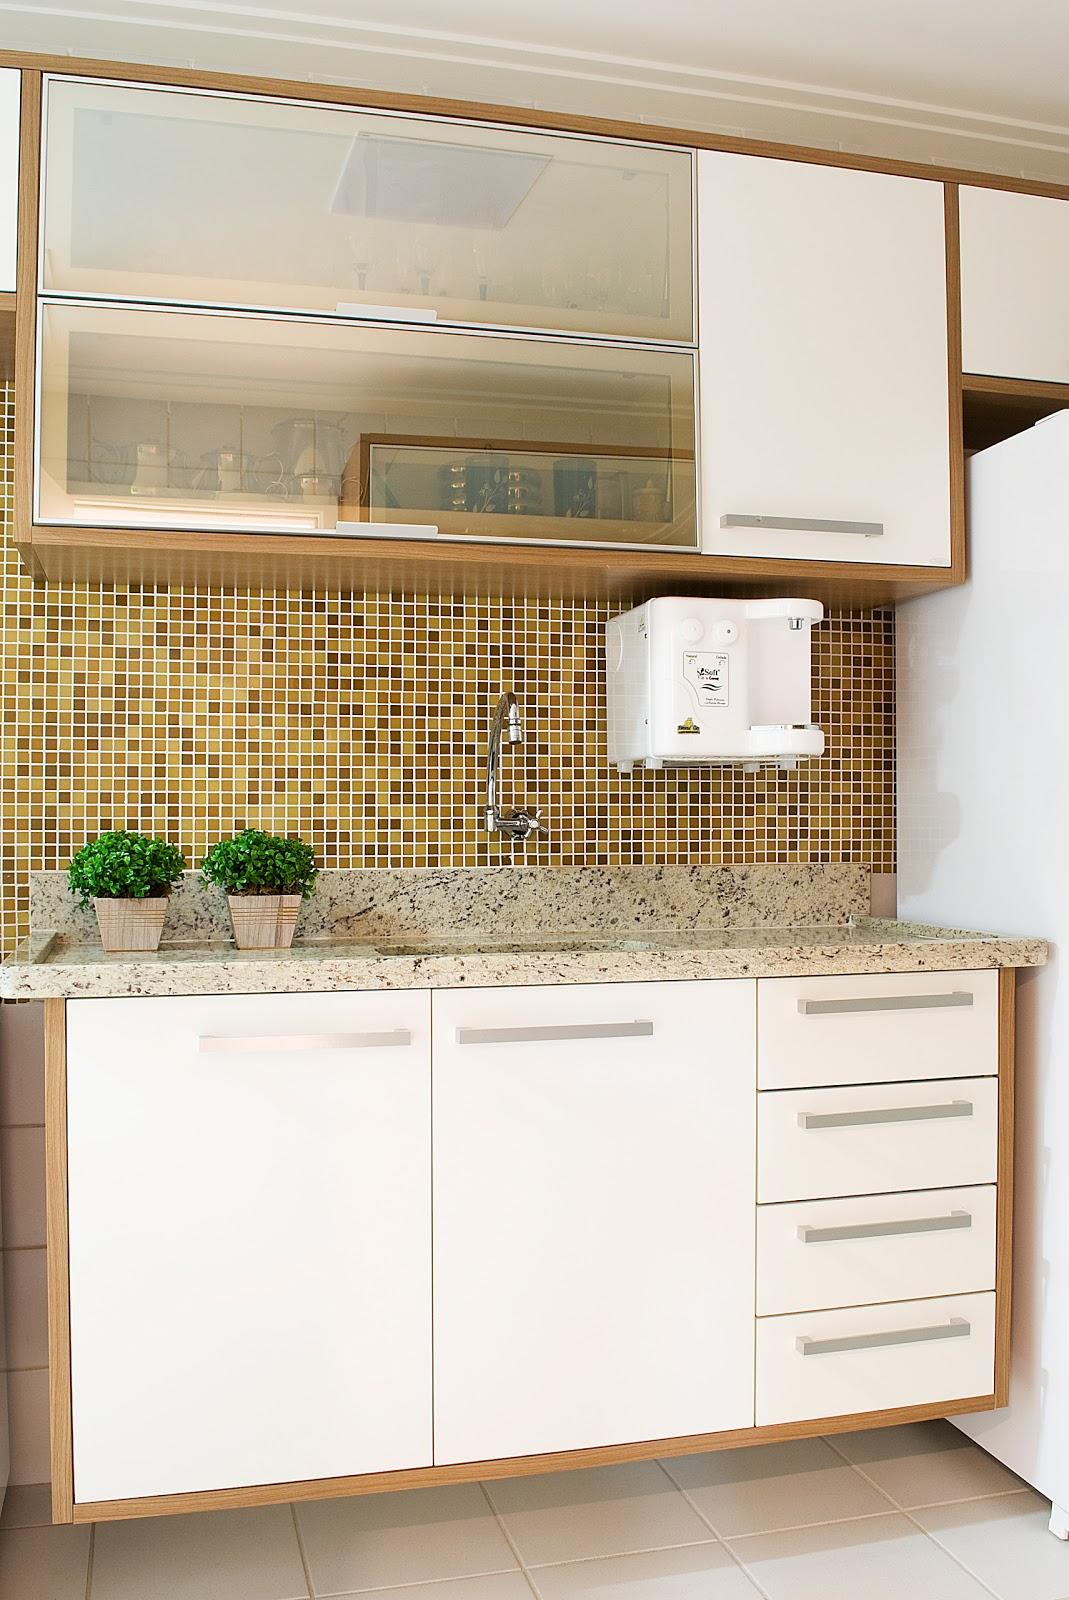 Cozinha compacta #386D24 1069 1600